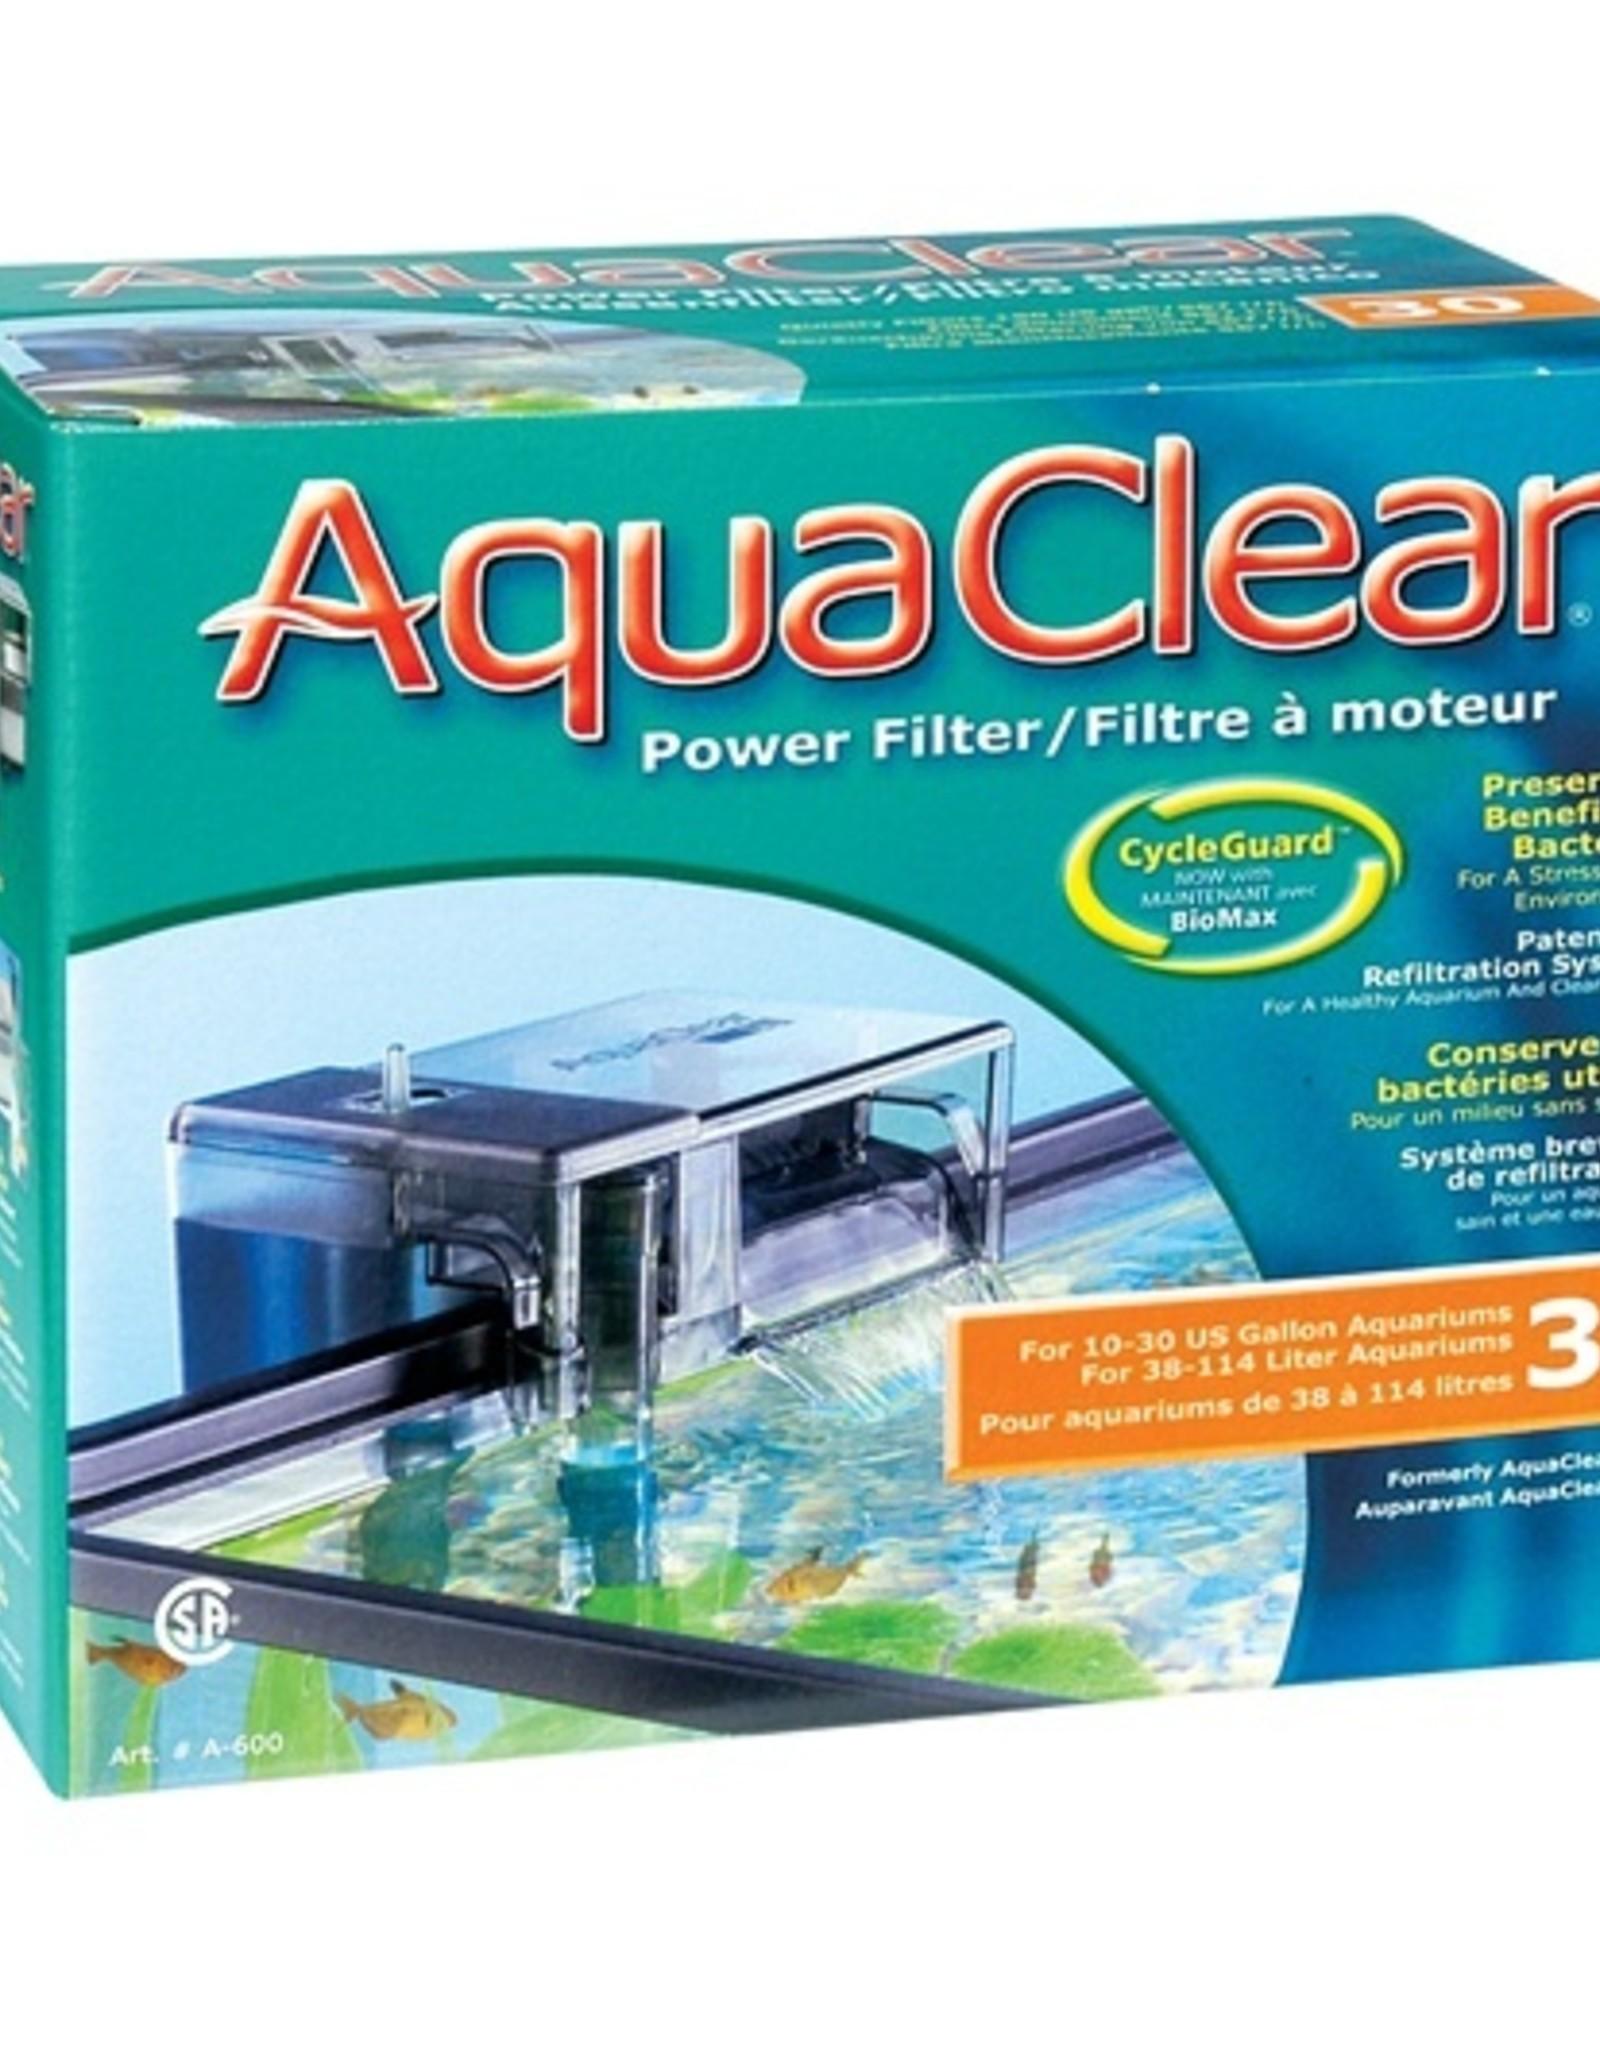 HAGEN AQUA CLEAR 30 FILTER